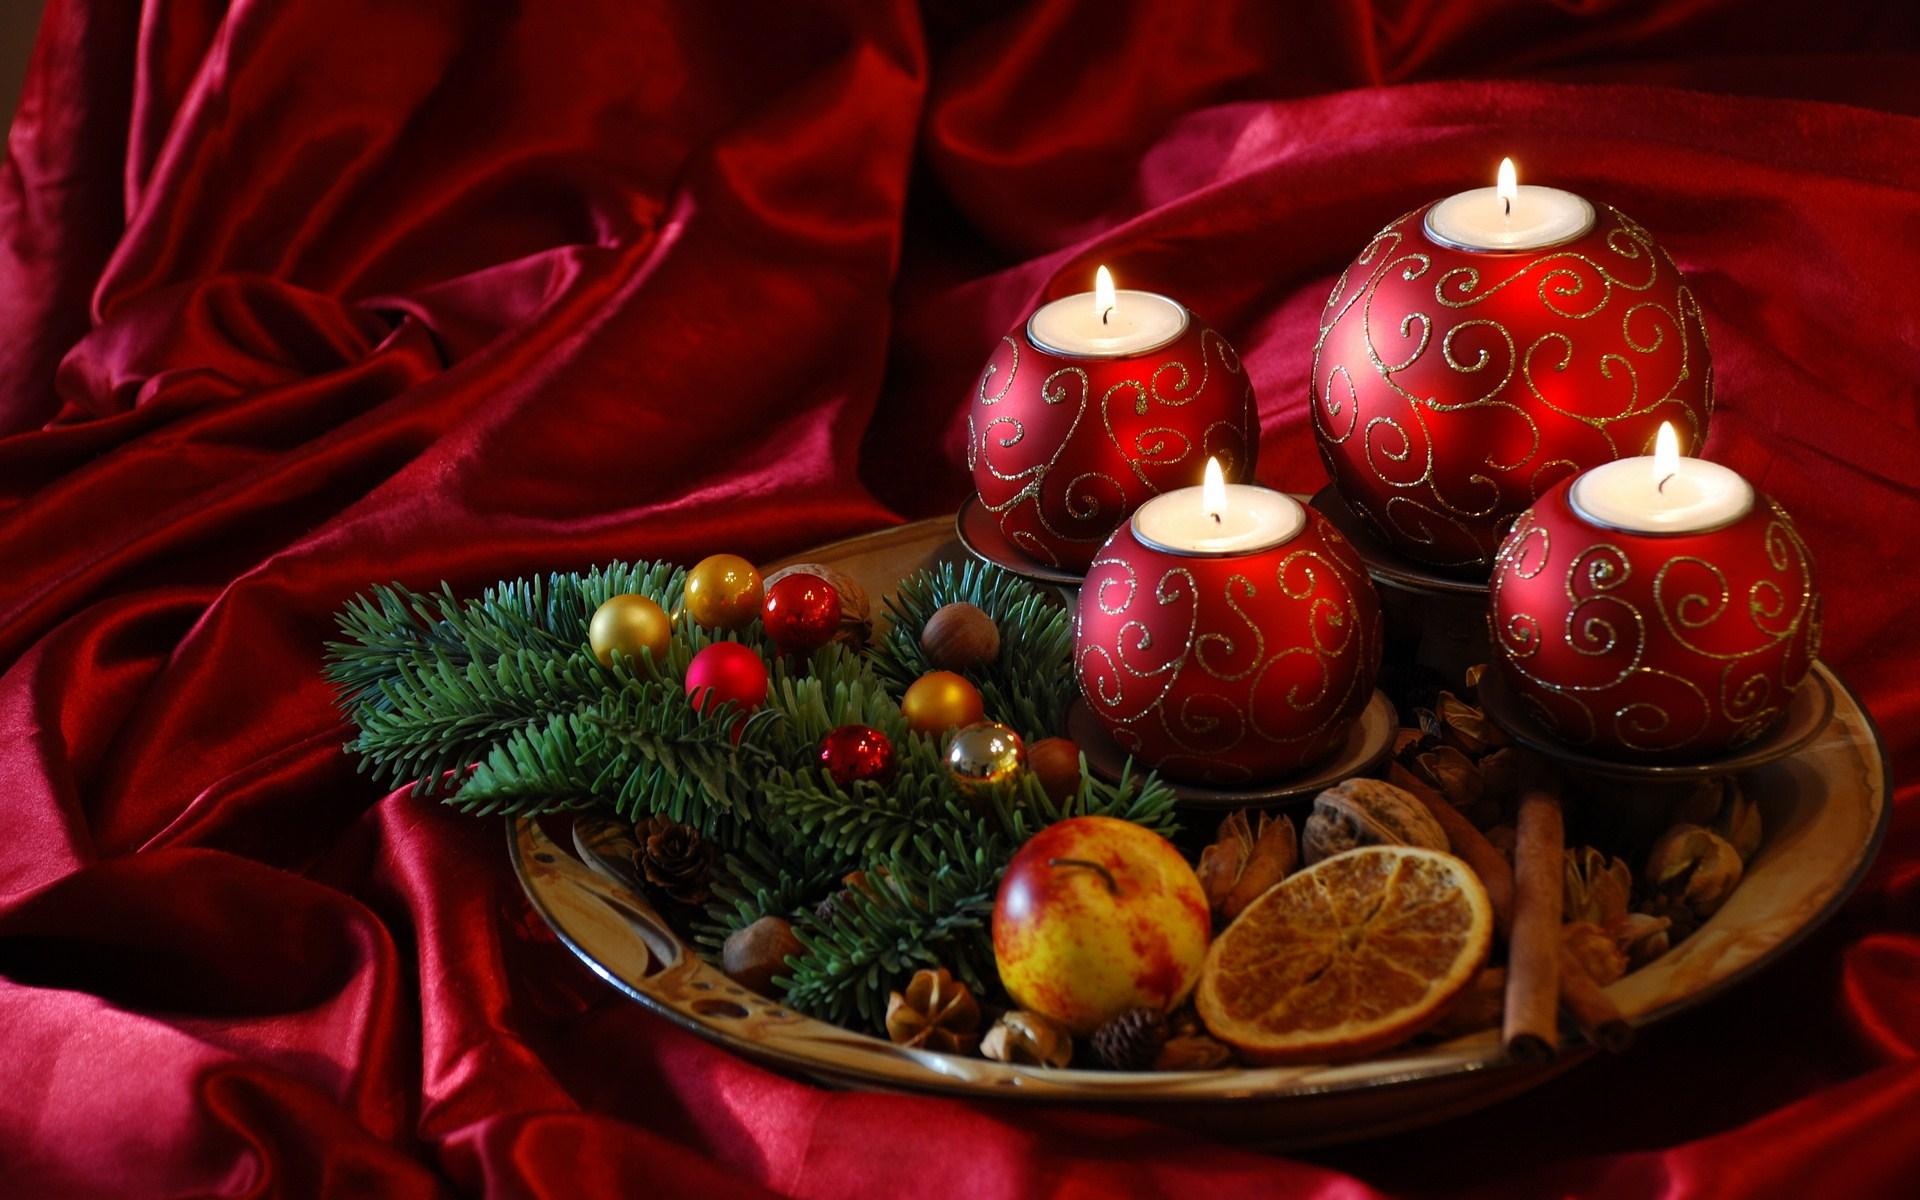 Navidad Fondo De Pantalla Hd Fondo De Escritorio